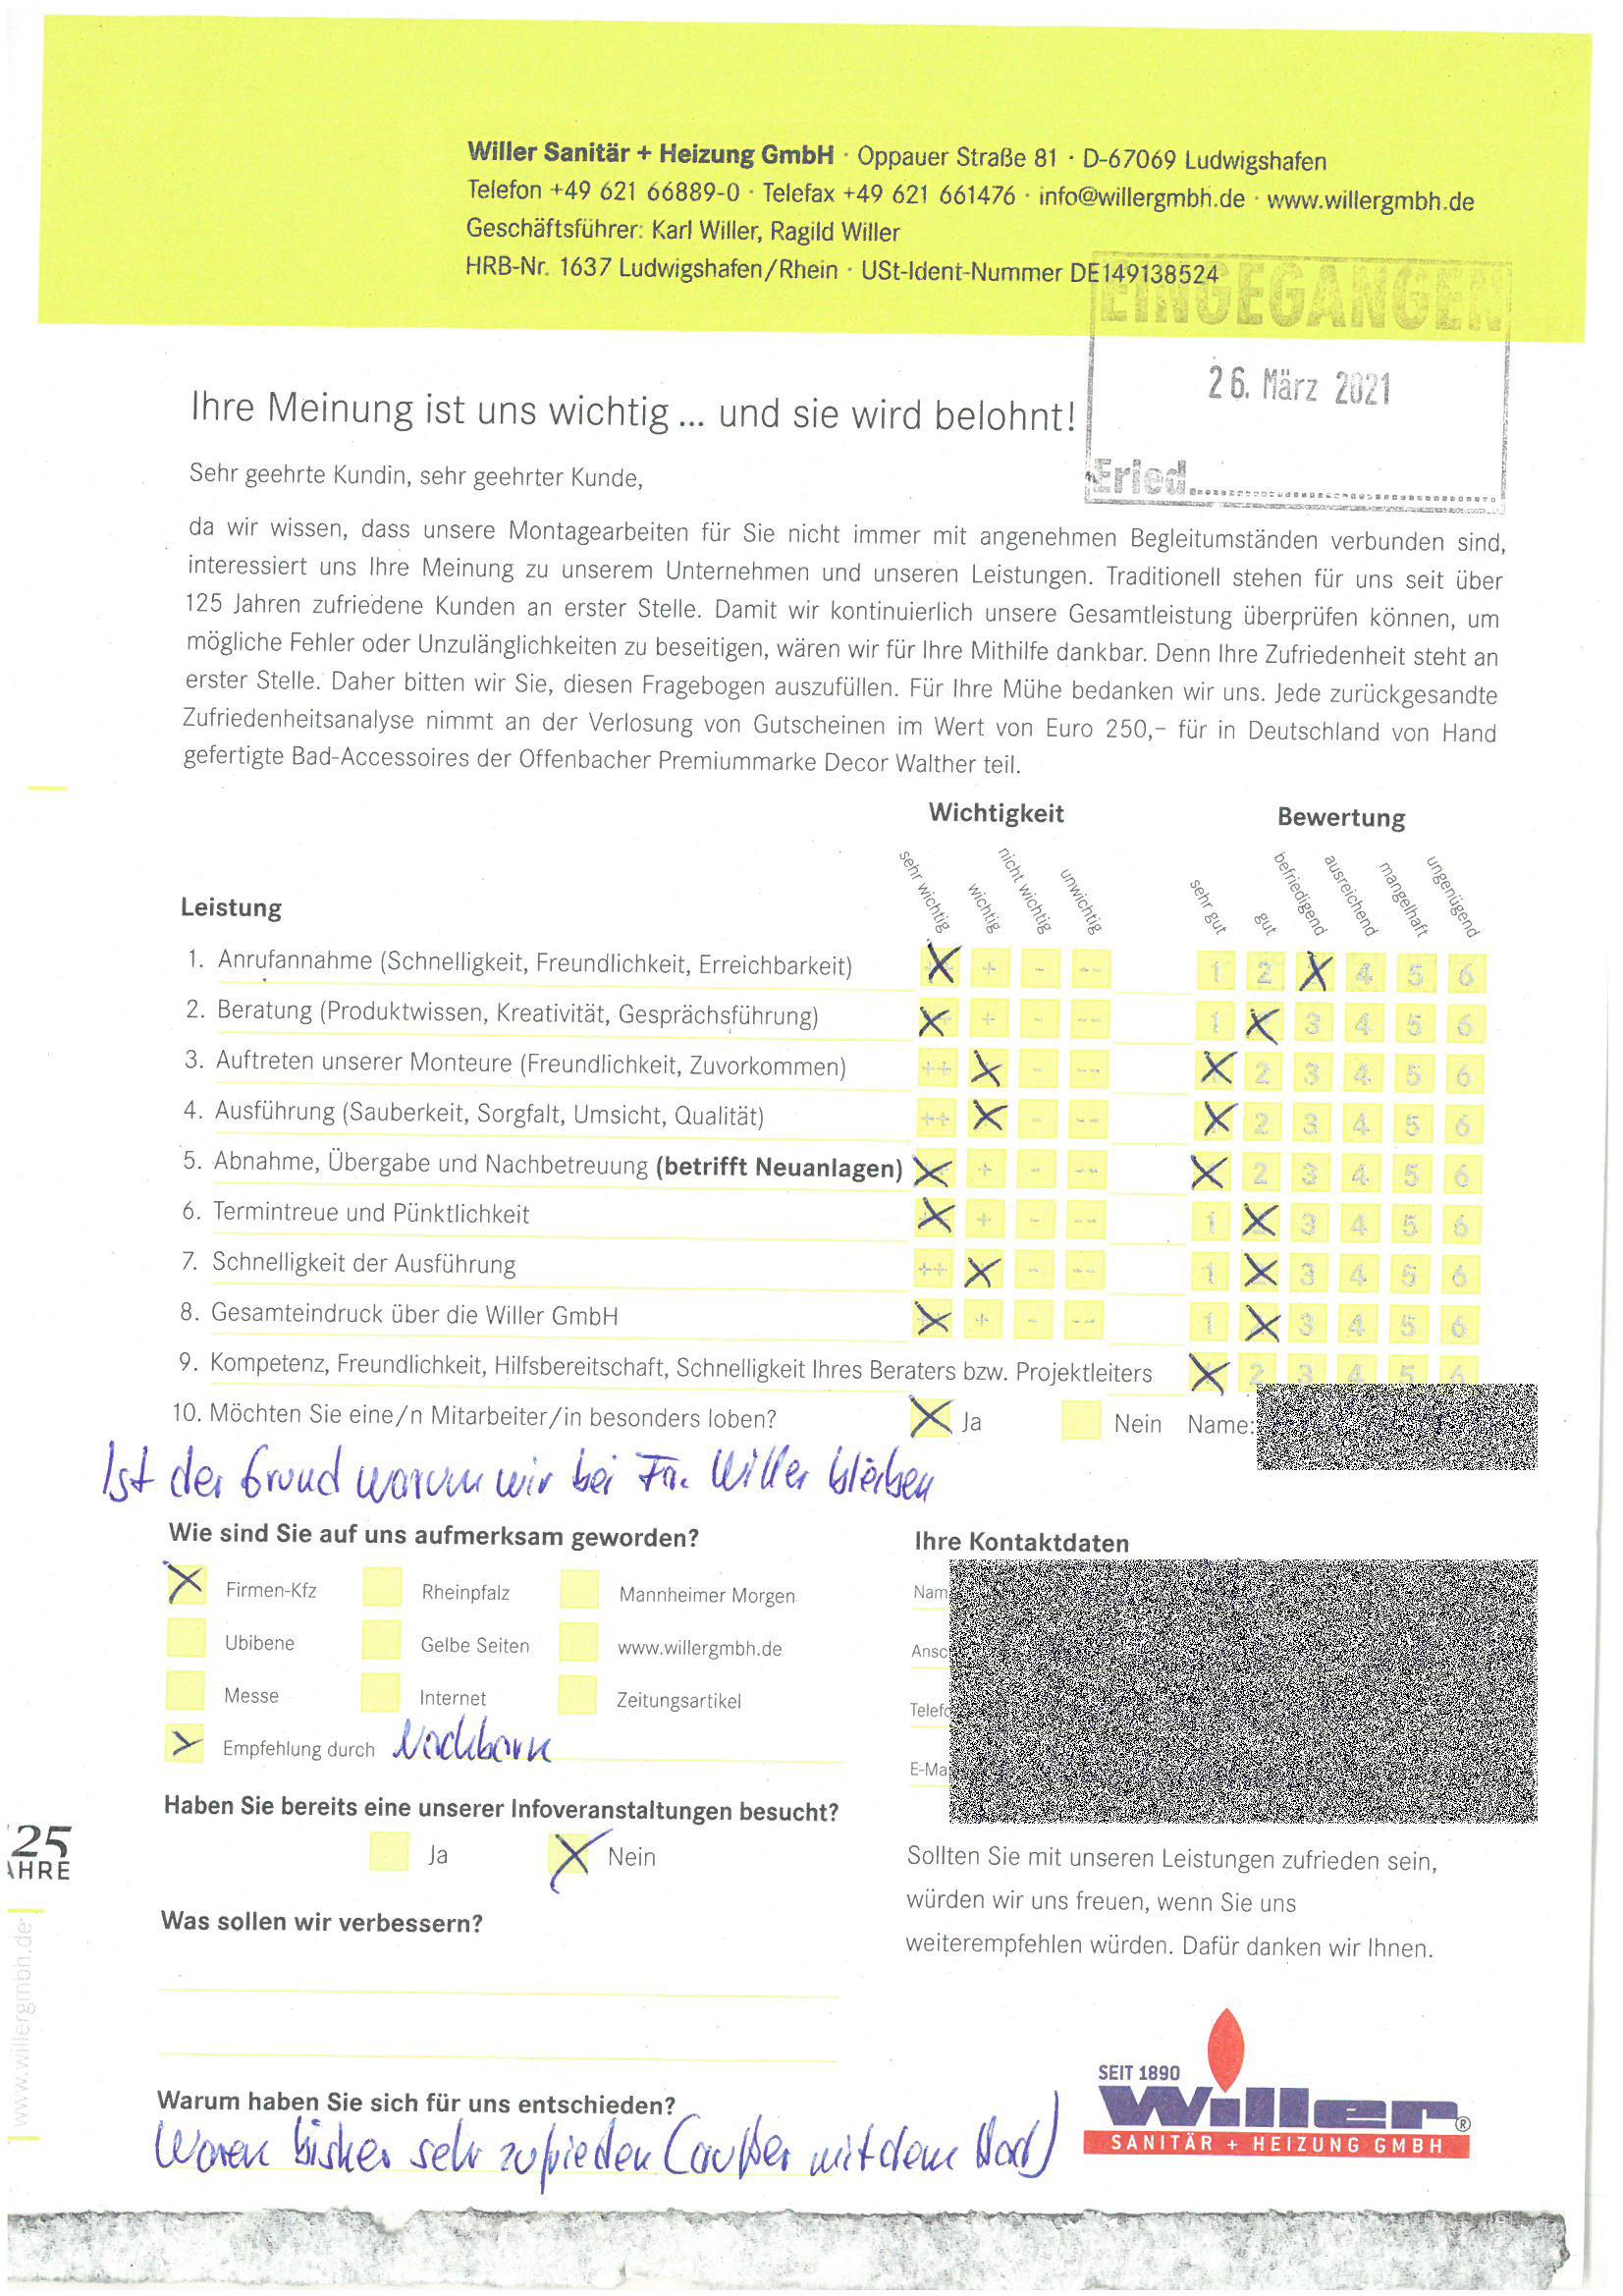 Bewertungen_Willer_Ludwigshafen_2021_ (1)y